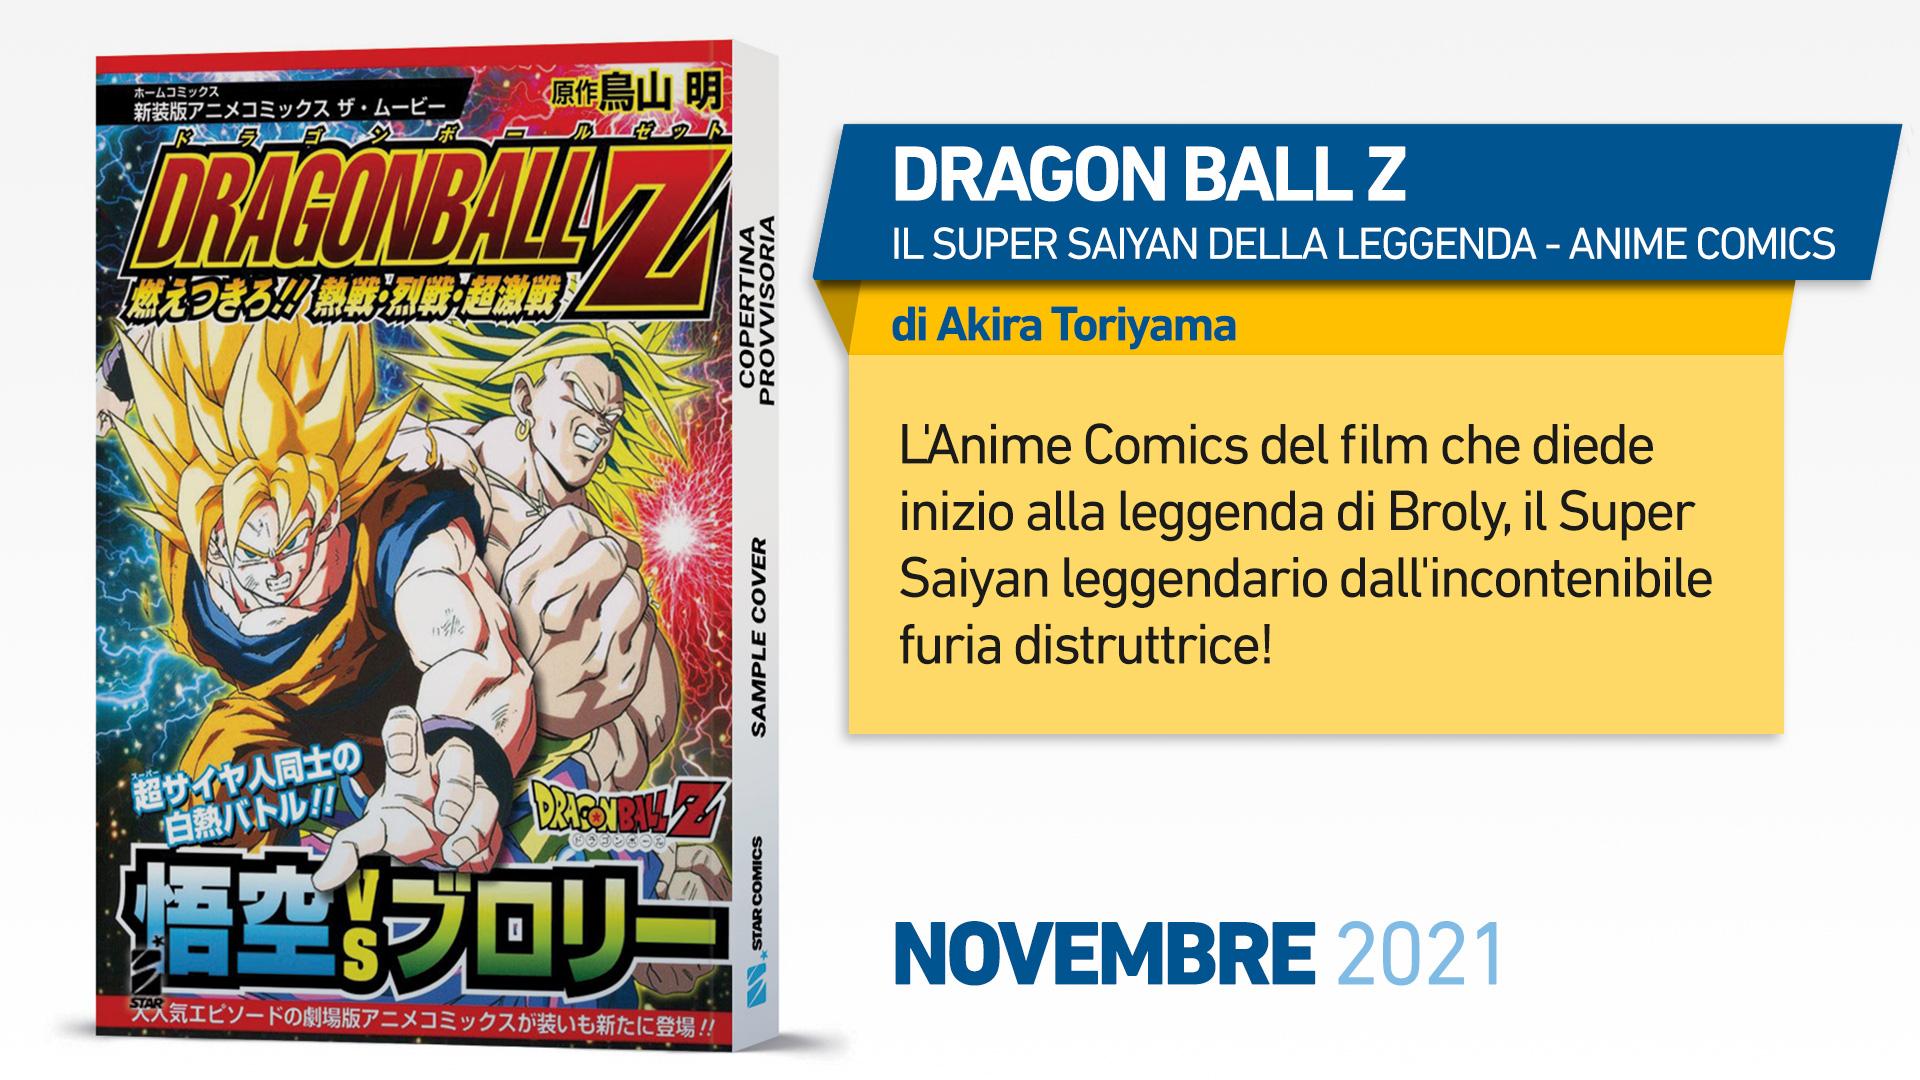 DRAGON BALL Z – IL SUPER SAIYAN DELLA LEGGENDA – ANIME COMICS